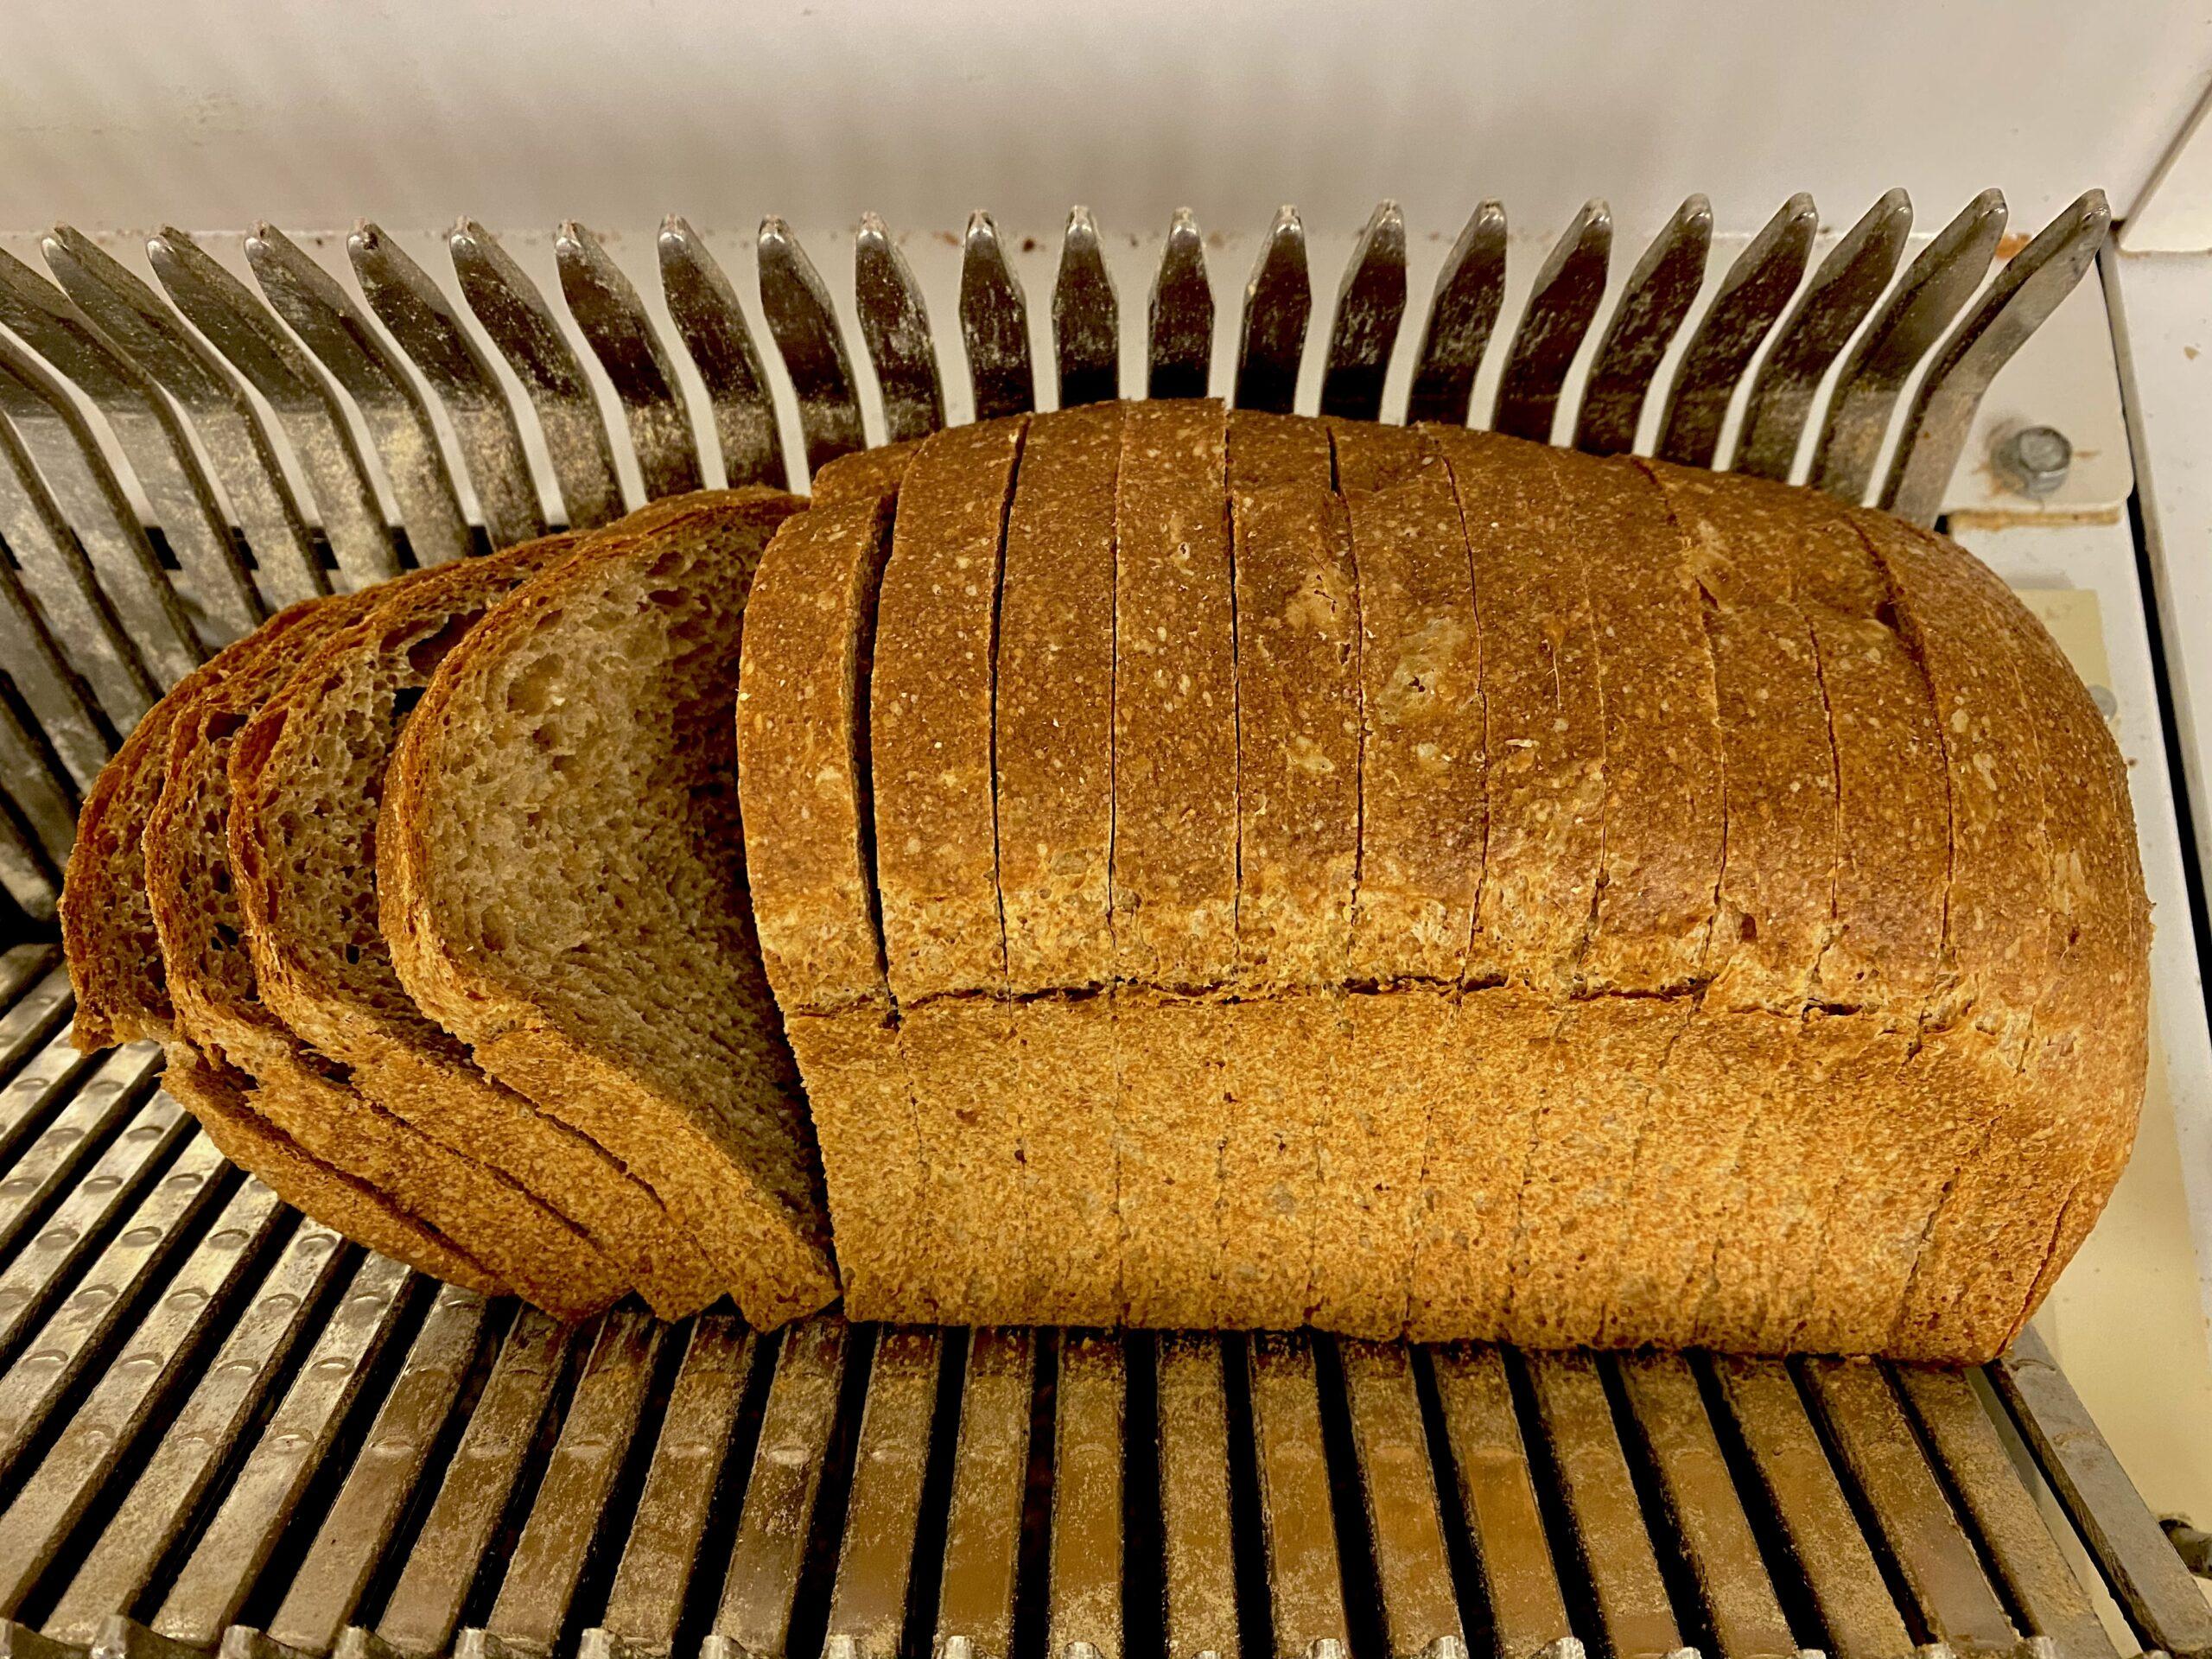 Sliced loaf of bread on a slicer.